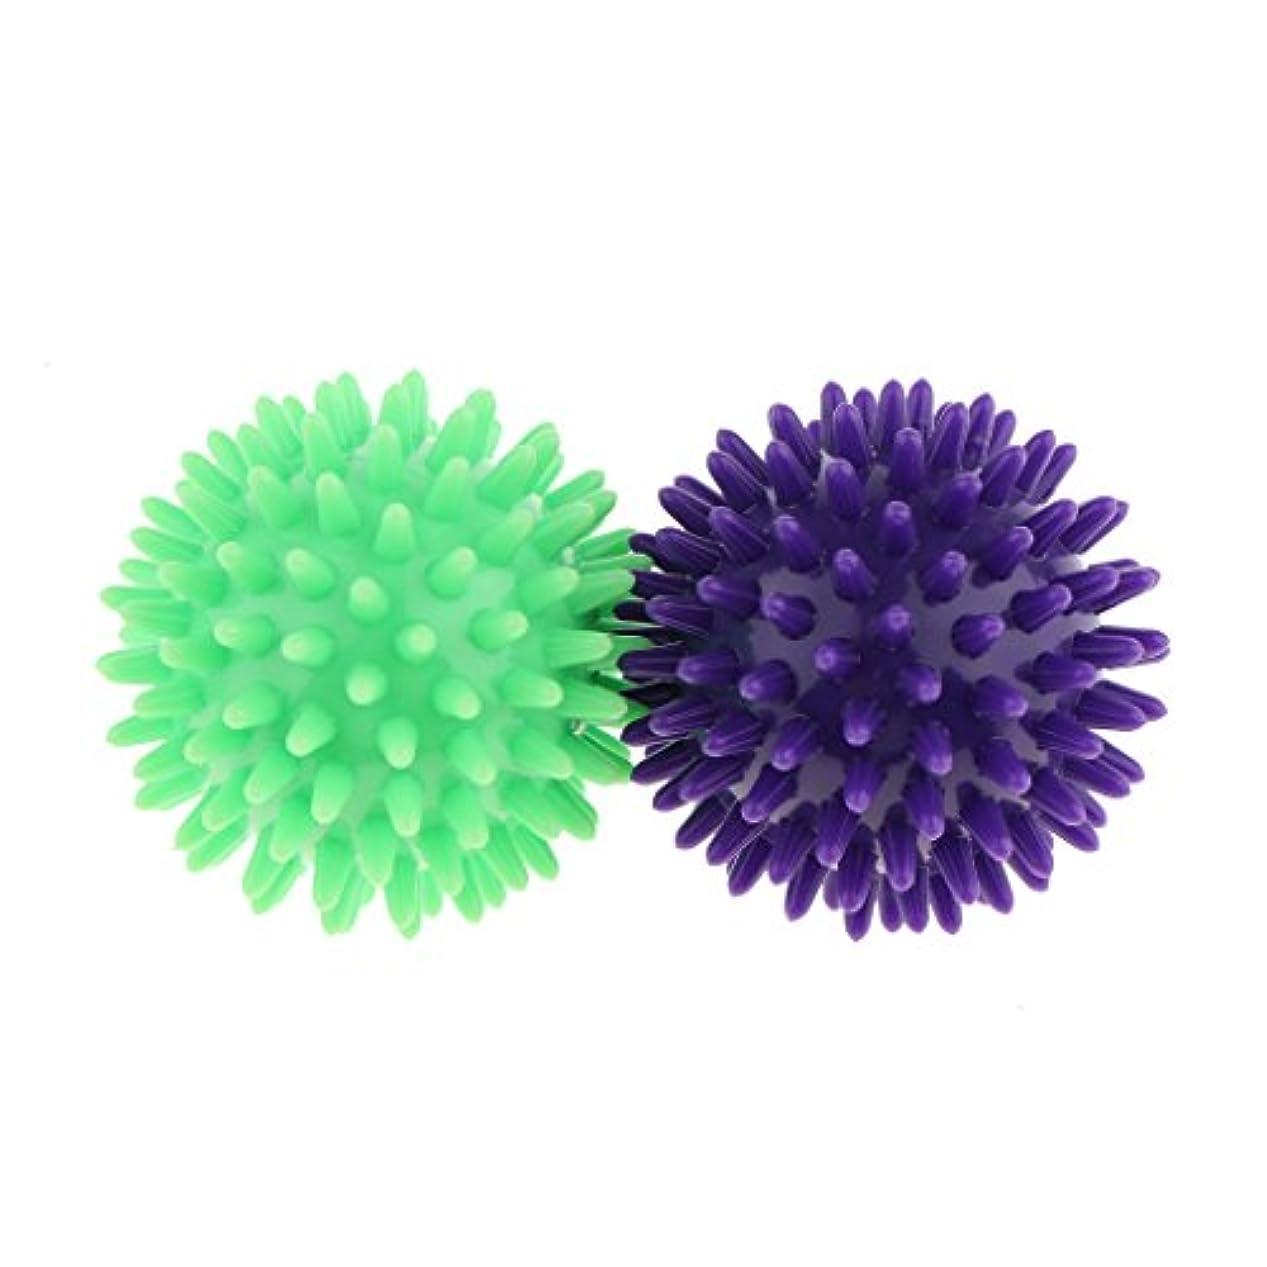 ボックス気候悲劇的なKesoto マッサージボール スパイシー マッサージ ボール ボディトリガー ポイント 2個セット 3タイプ選べ - 紫ライトグリーン